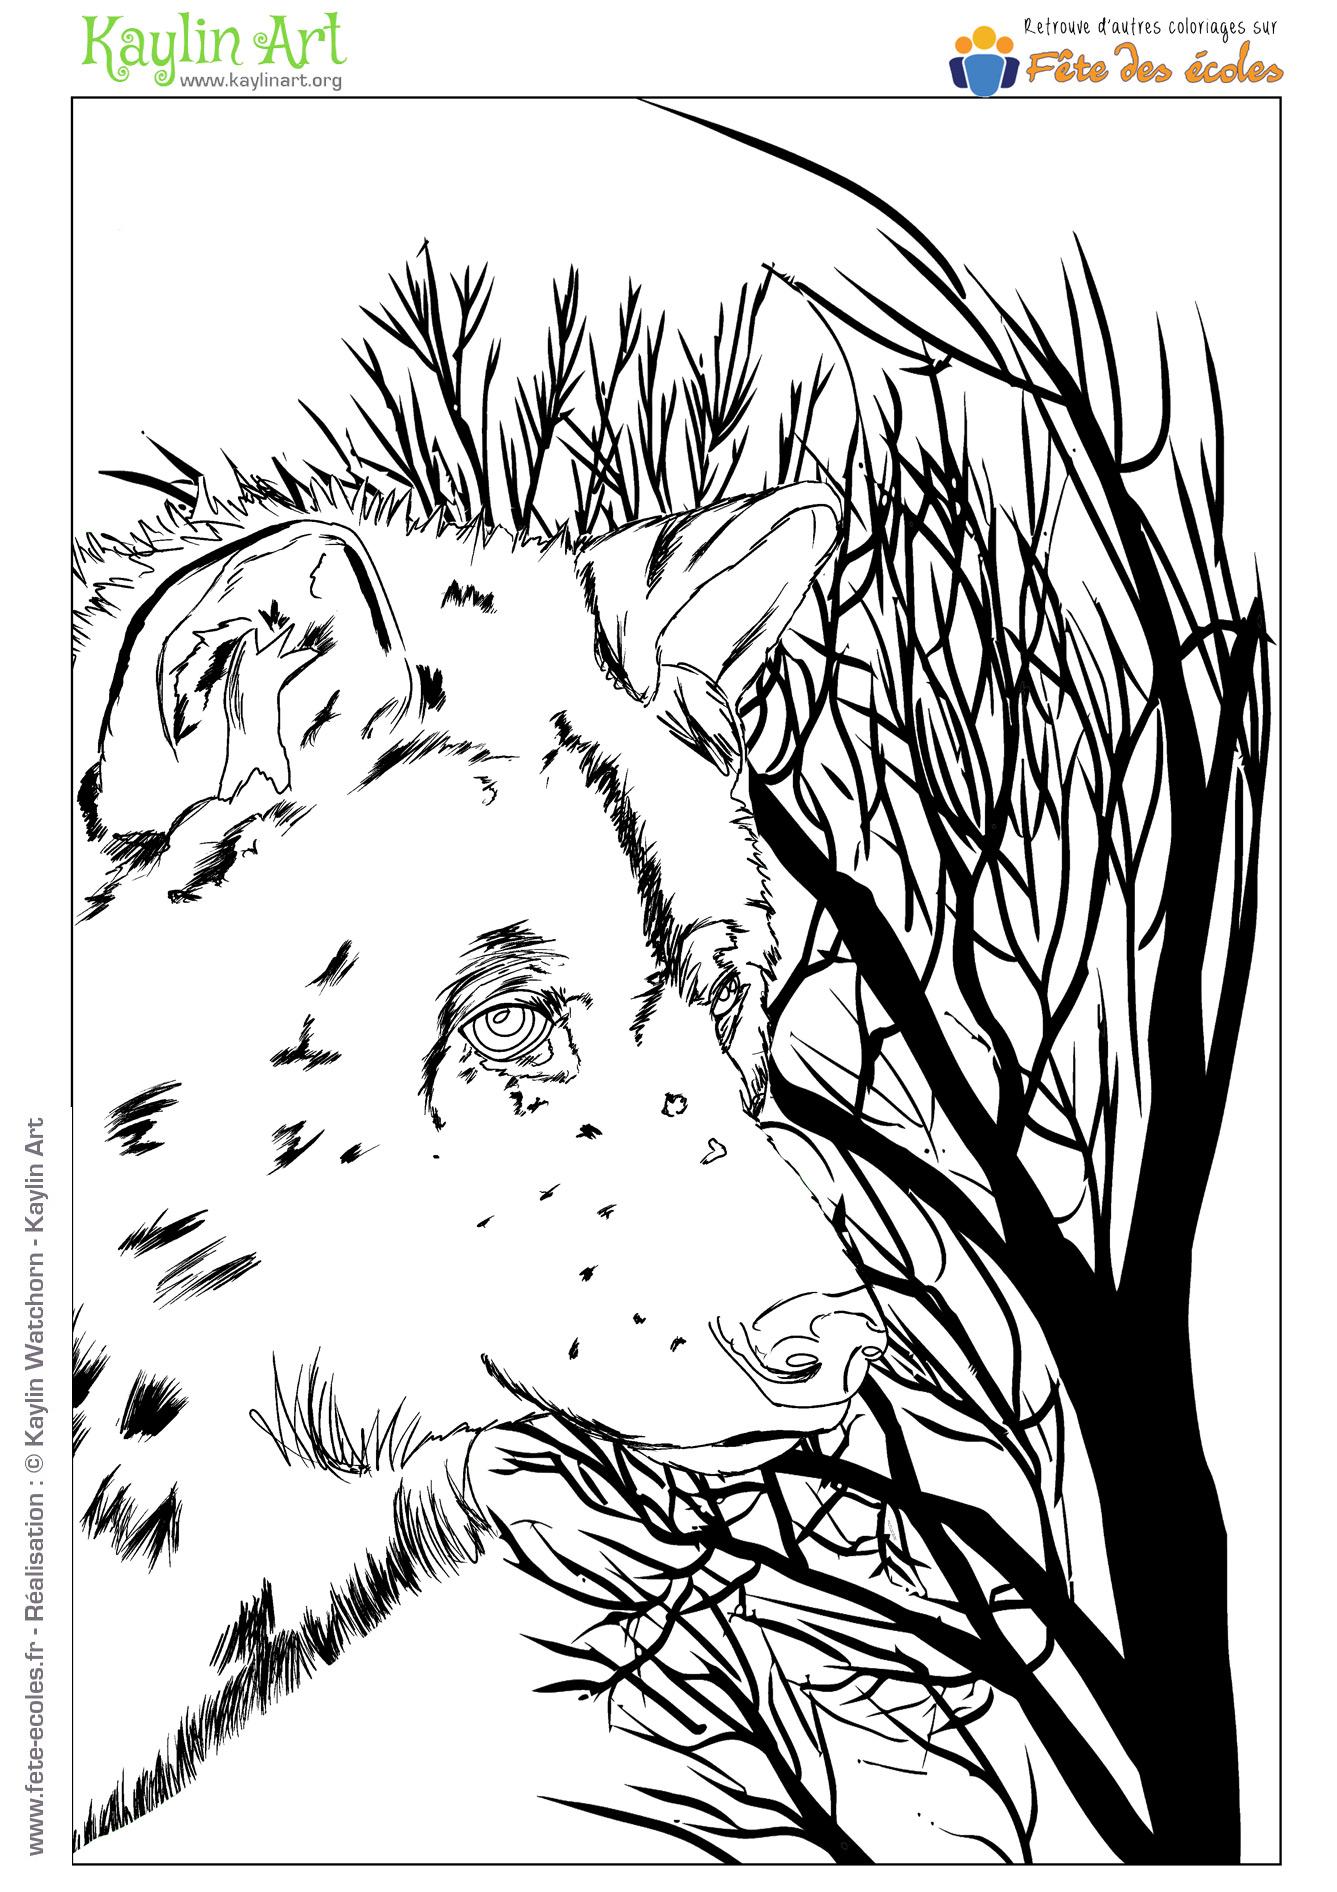 Coloriage Loup Dans La Foret.Coloriage D Un Loup Dans La Foret